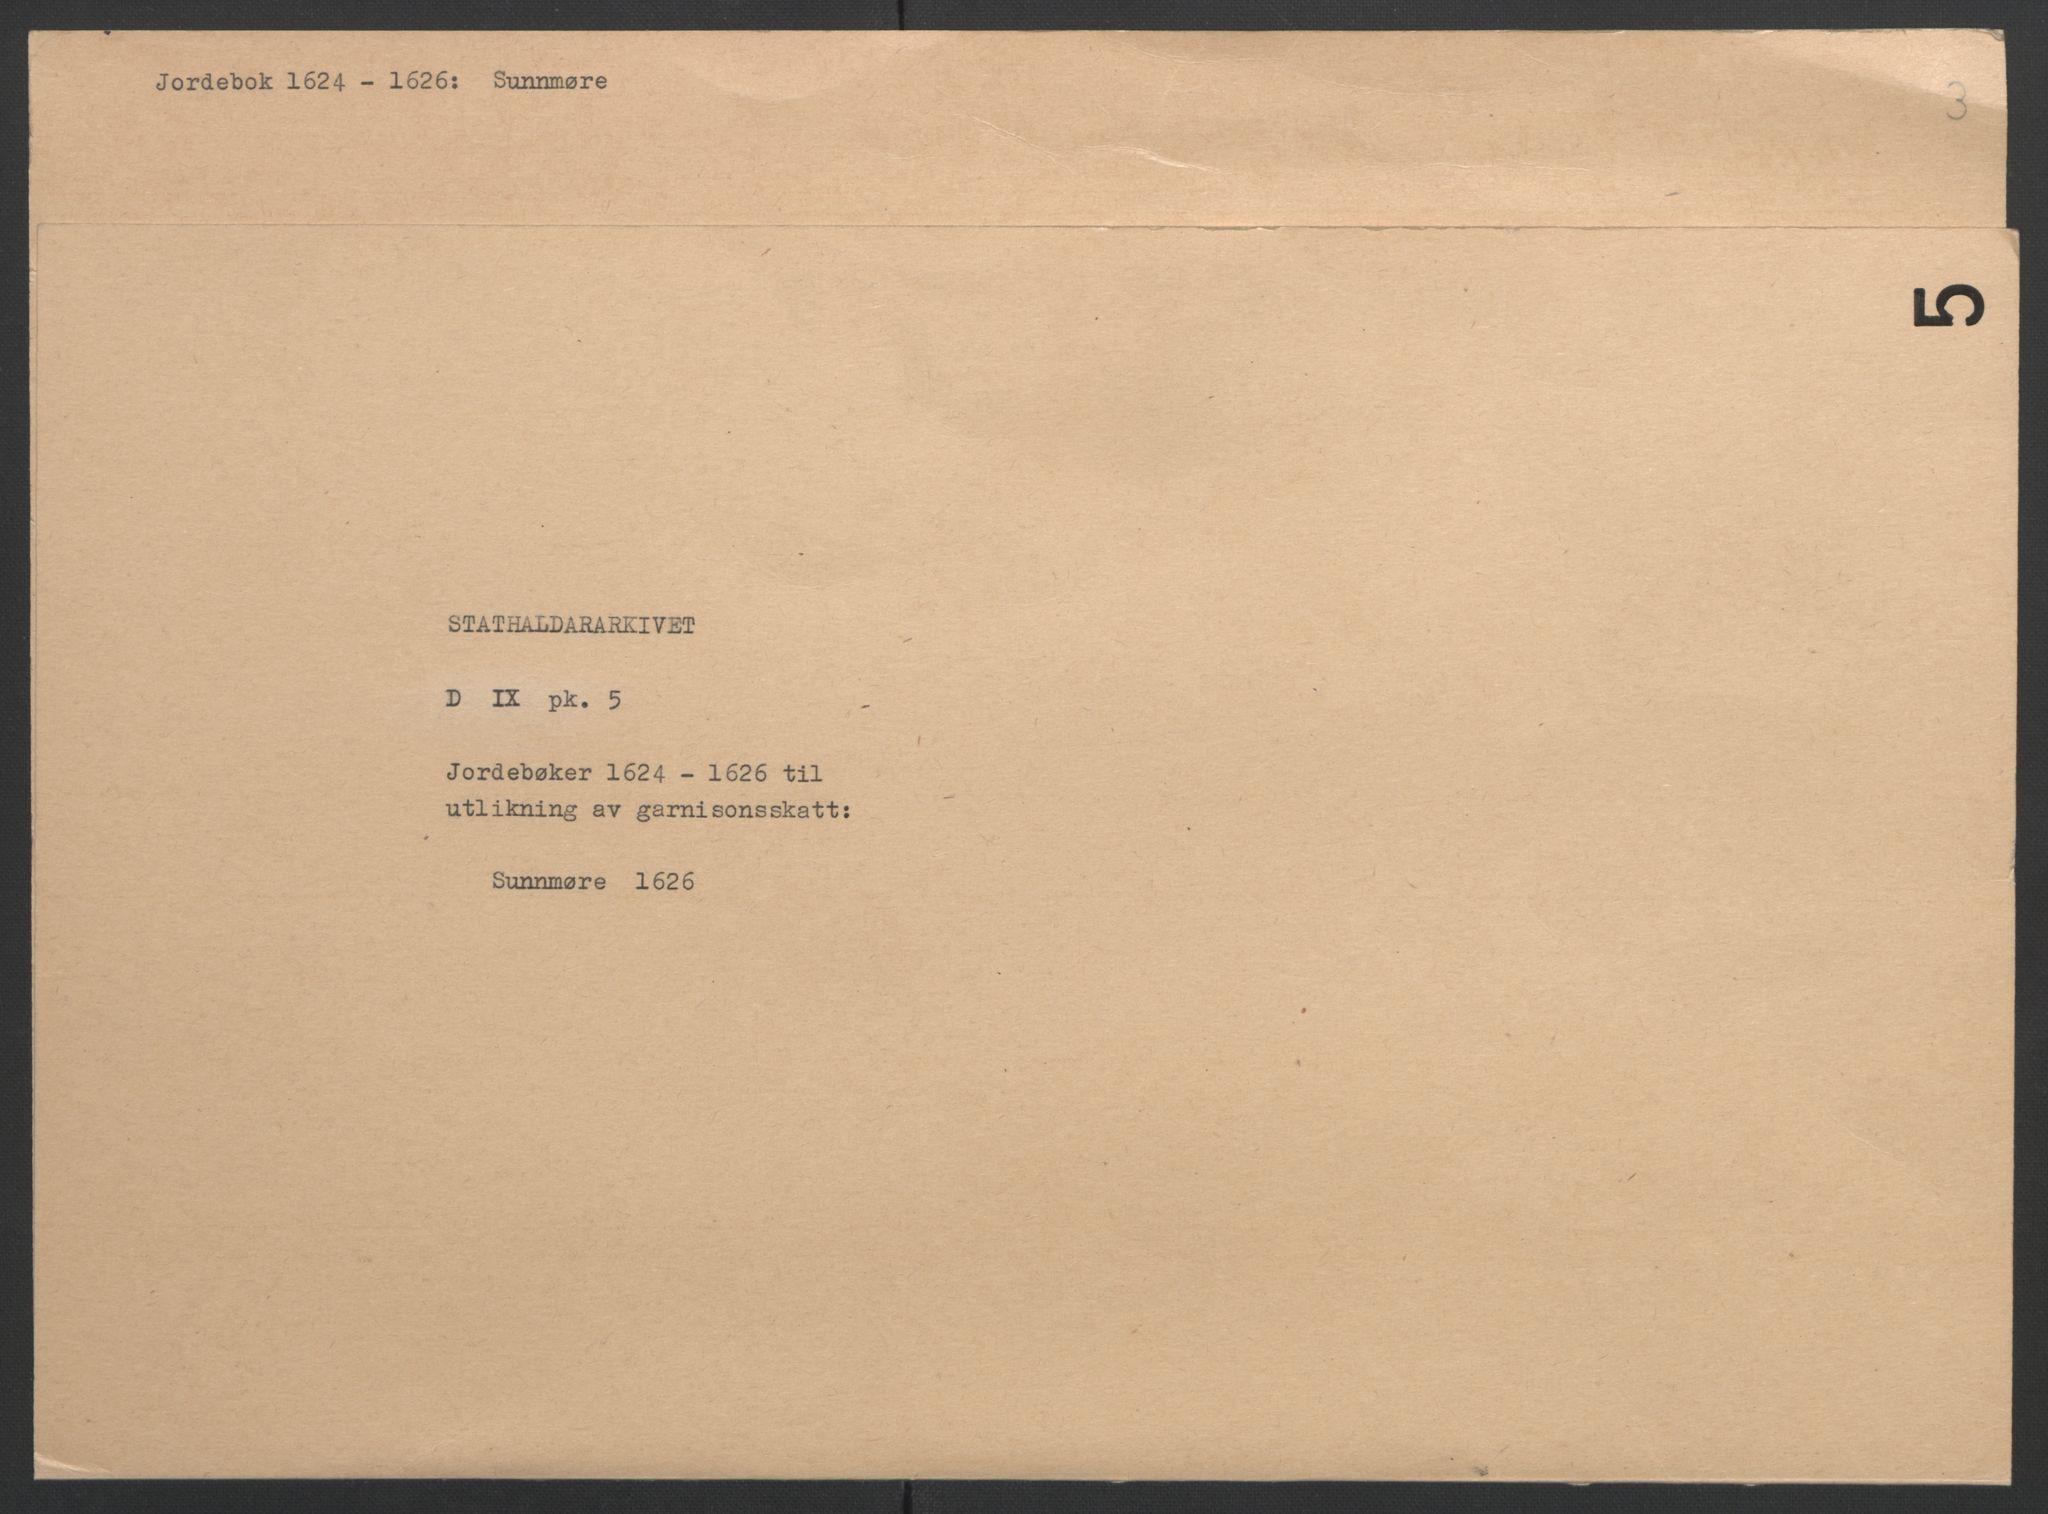 RA, Stattholderembetet 1572-1771, Ek/L0005: Jordebøker til utlikning av garnisonsskatt 1624-1626:, 1626, s. 141